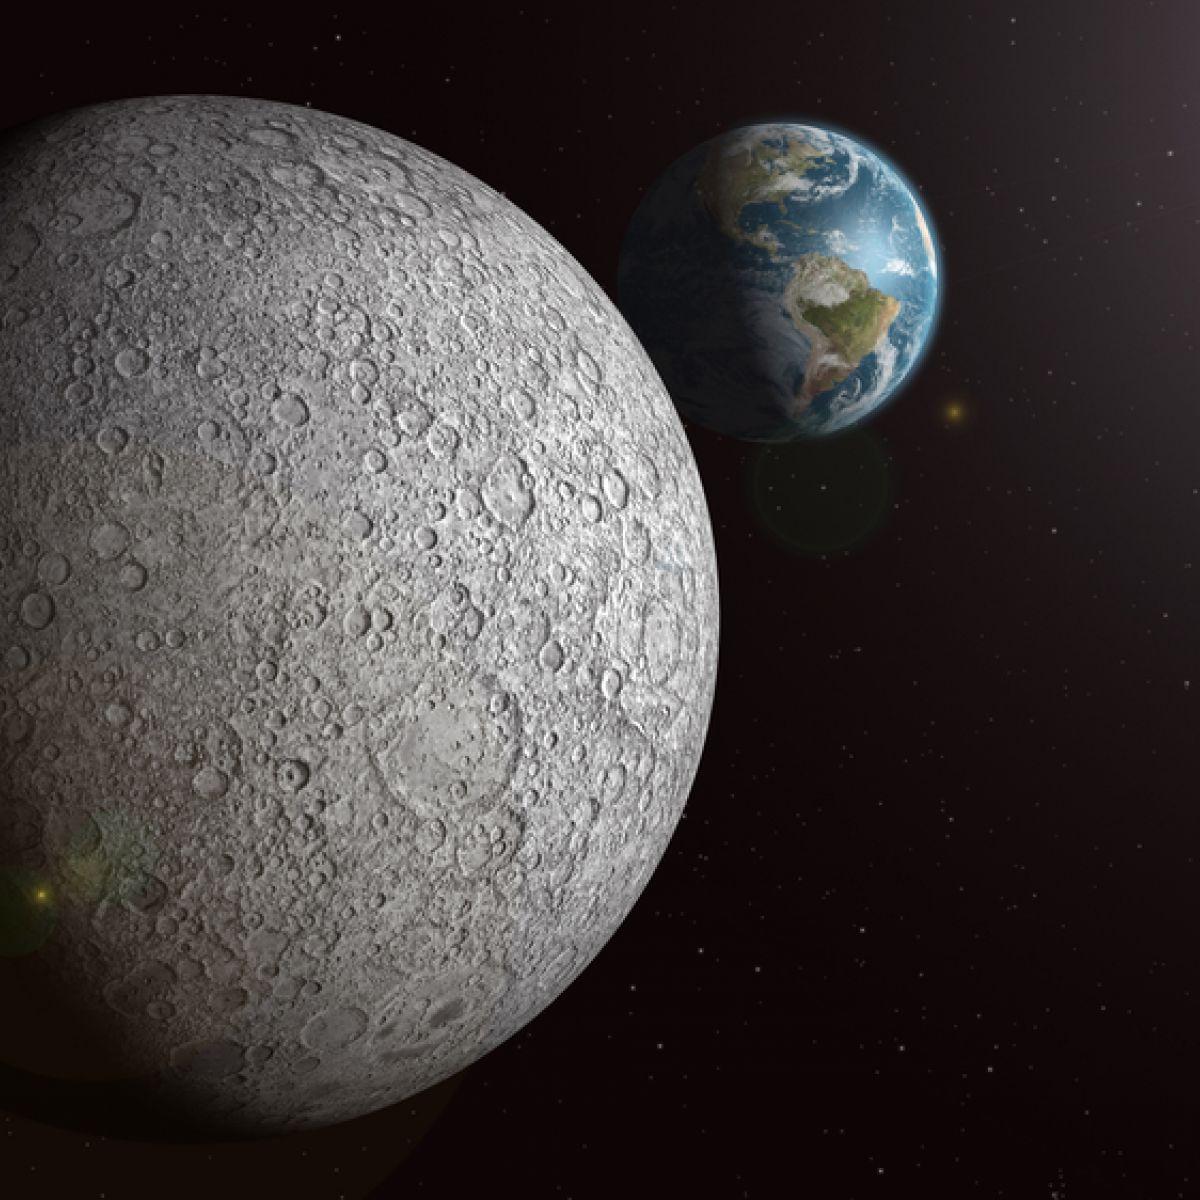 Der Mond – Ein Einflussreicher Begleiter! - Simplyscience in Was Hat Der Mond Mit Ebbe Und Flut Zu Tun